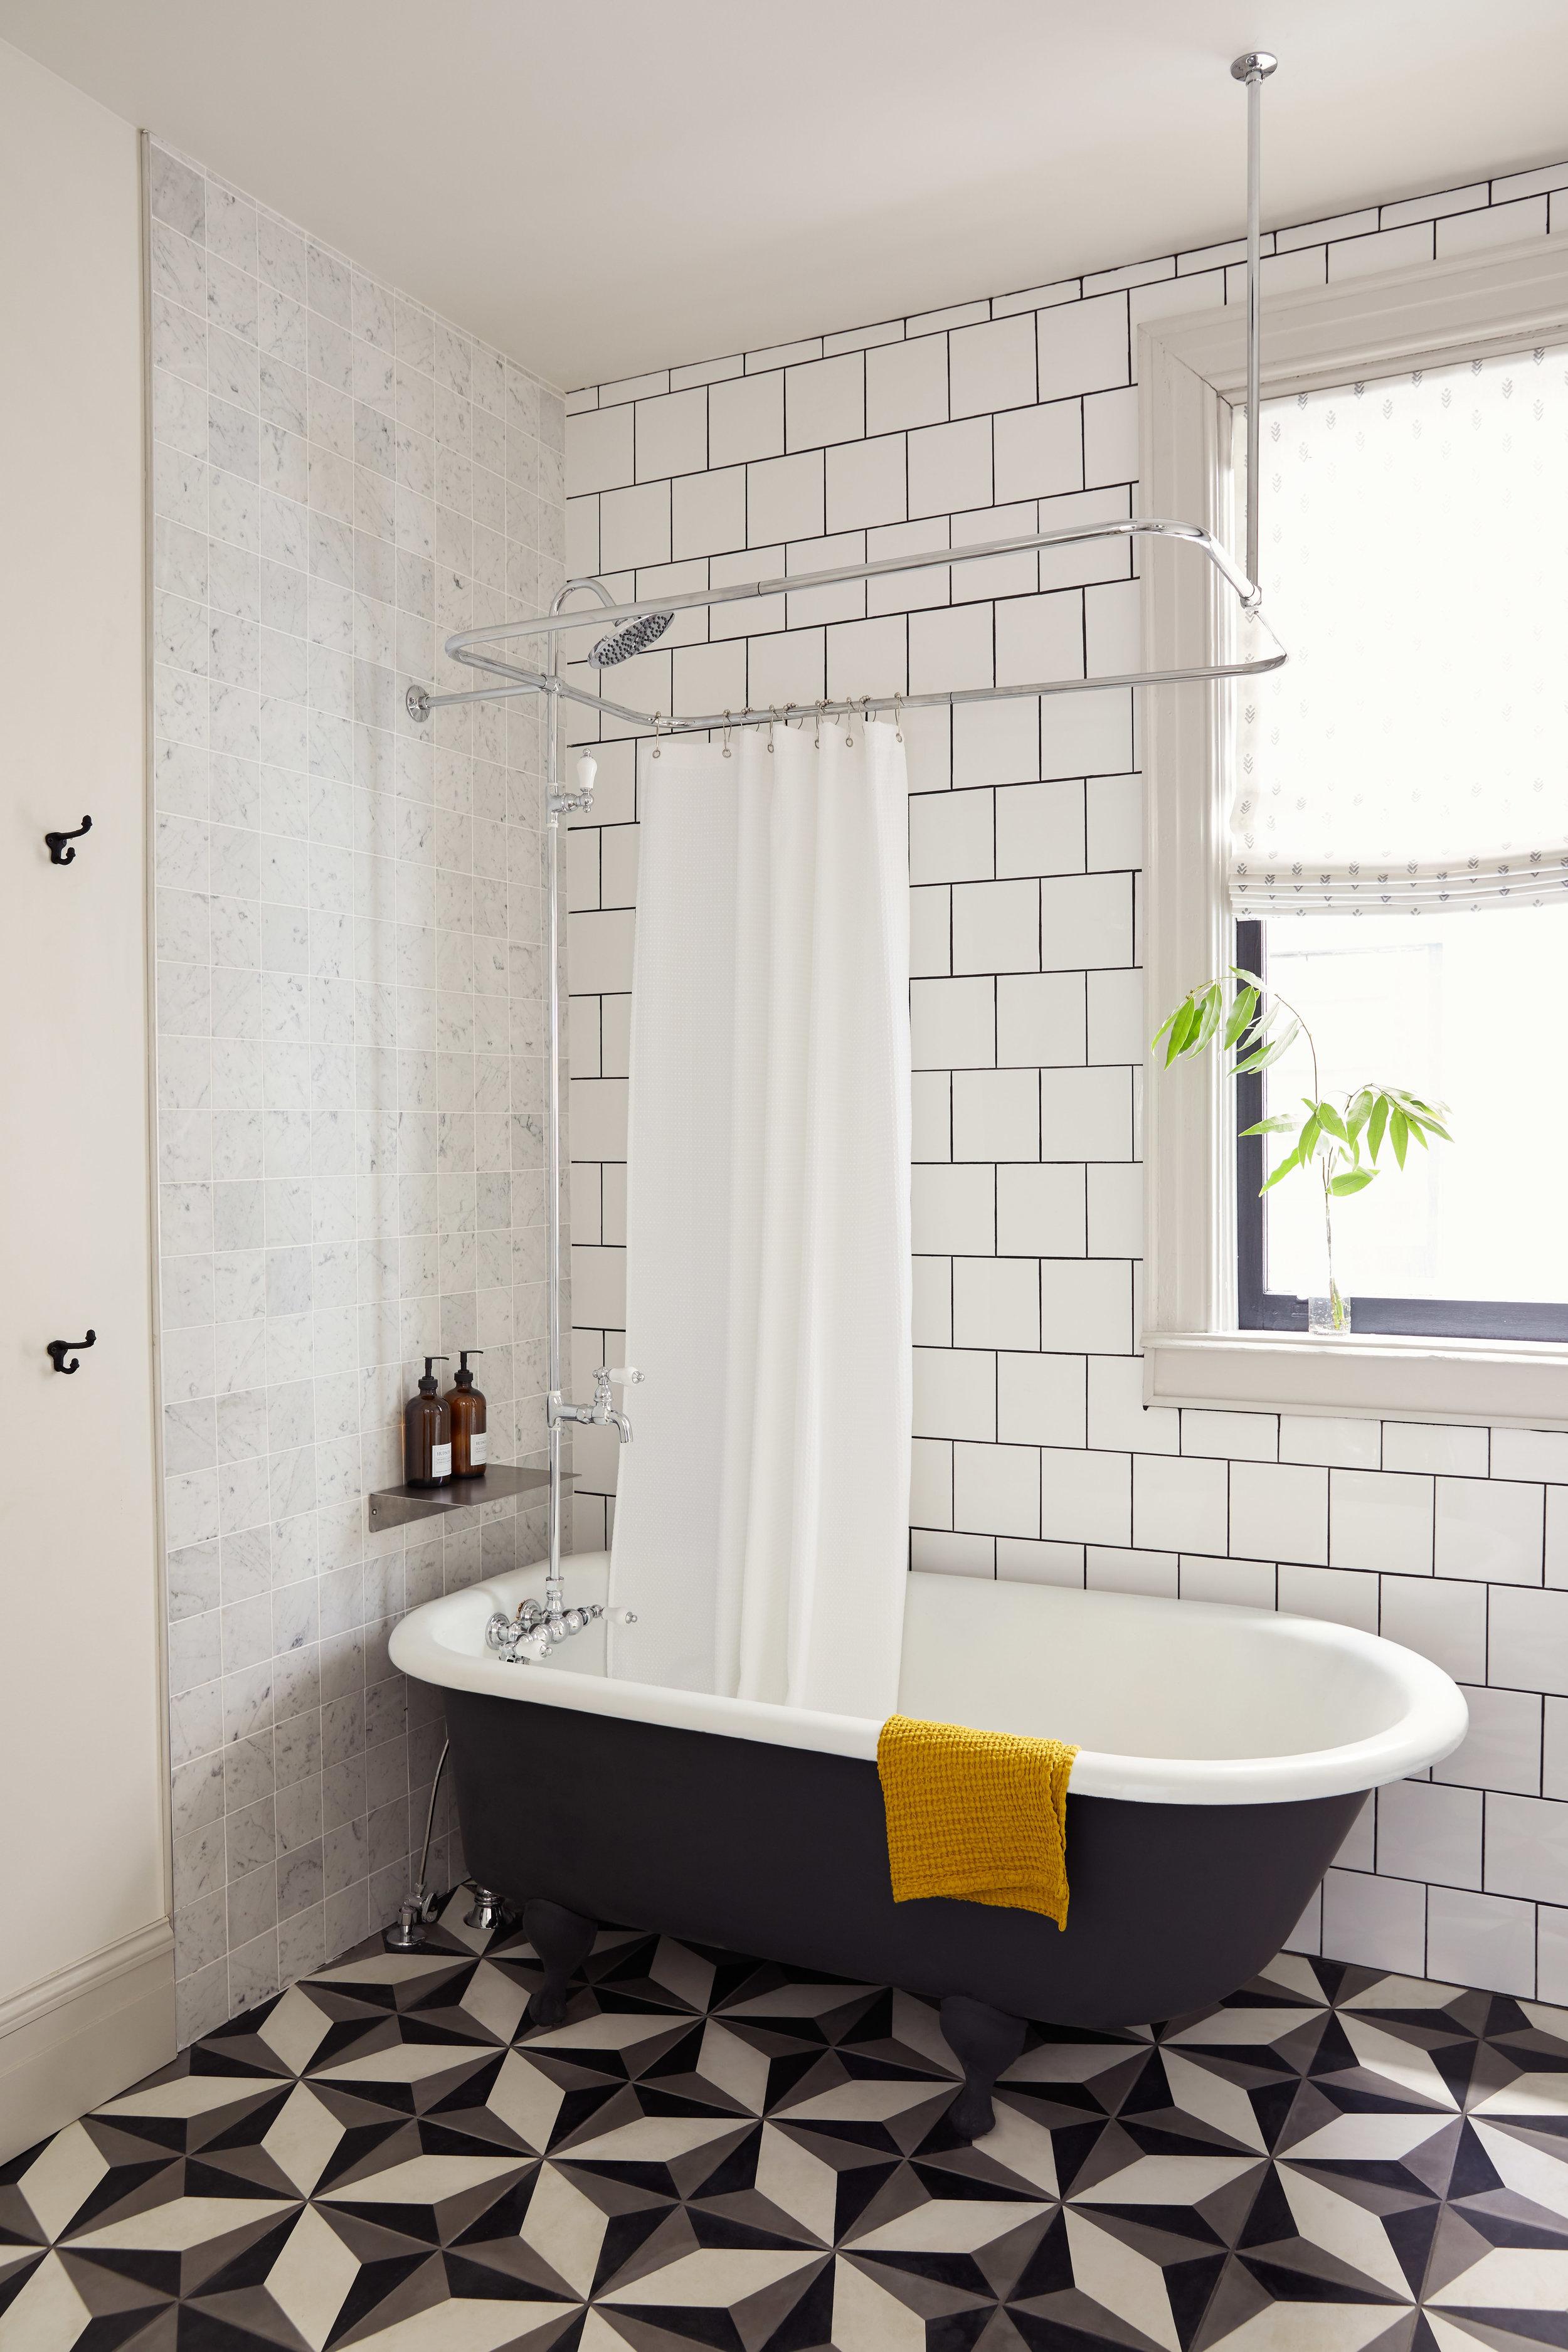 TOH_Bathroom_sink_066.jpg